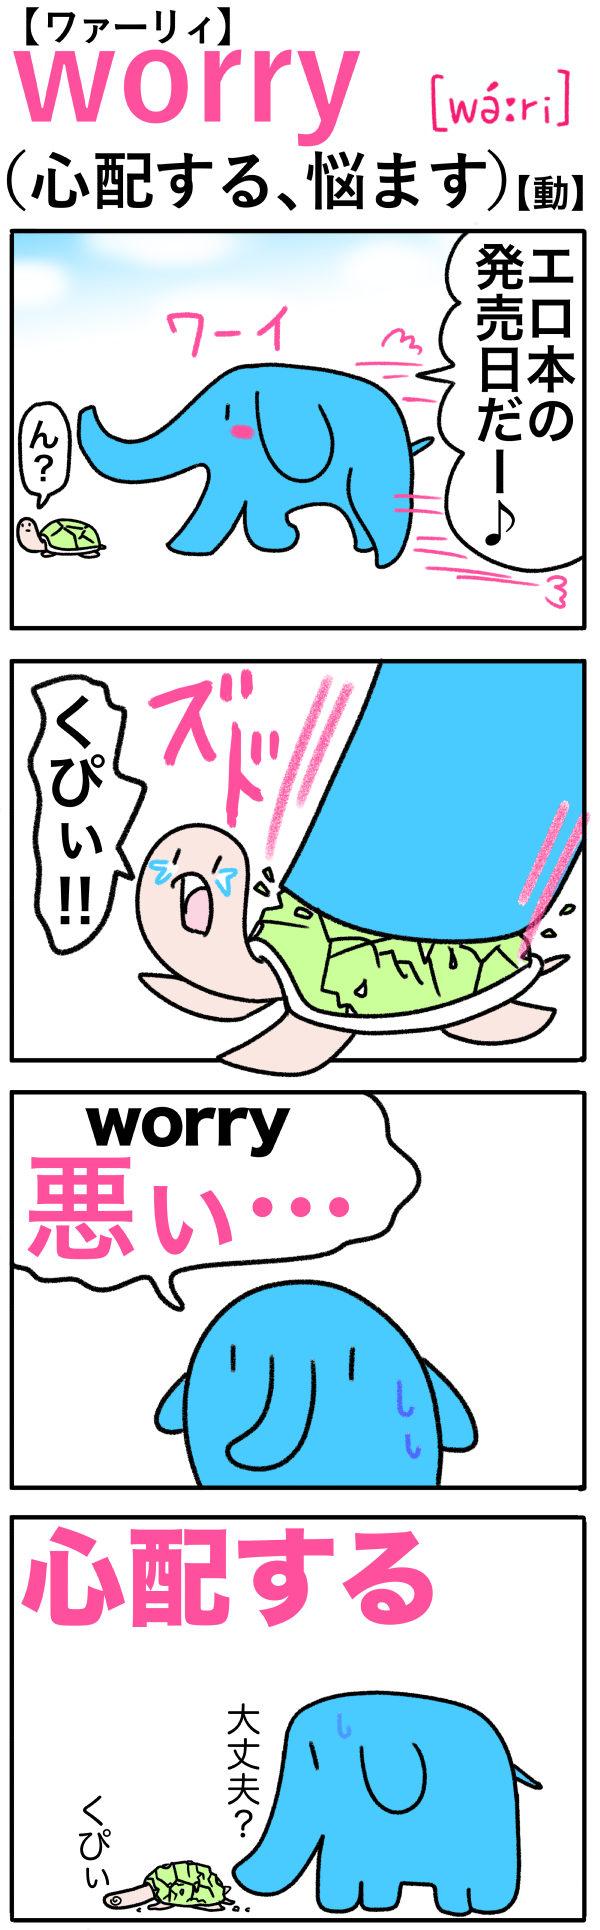 worry(心配する、悩ます)の語呂合わせ英単語